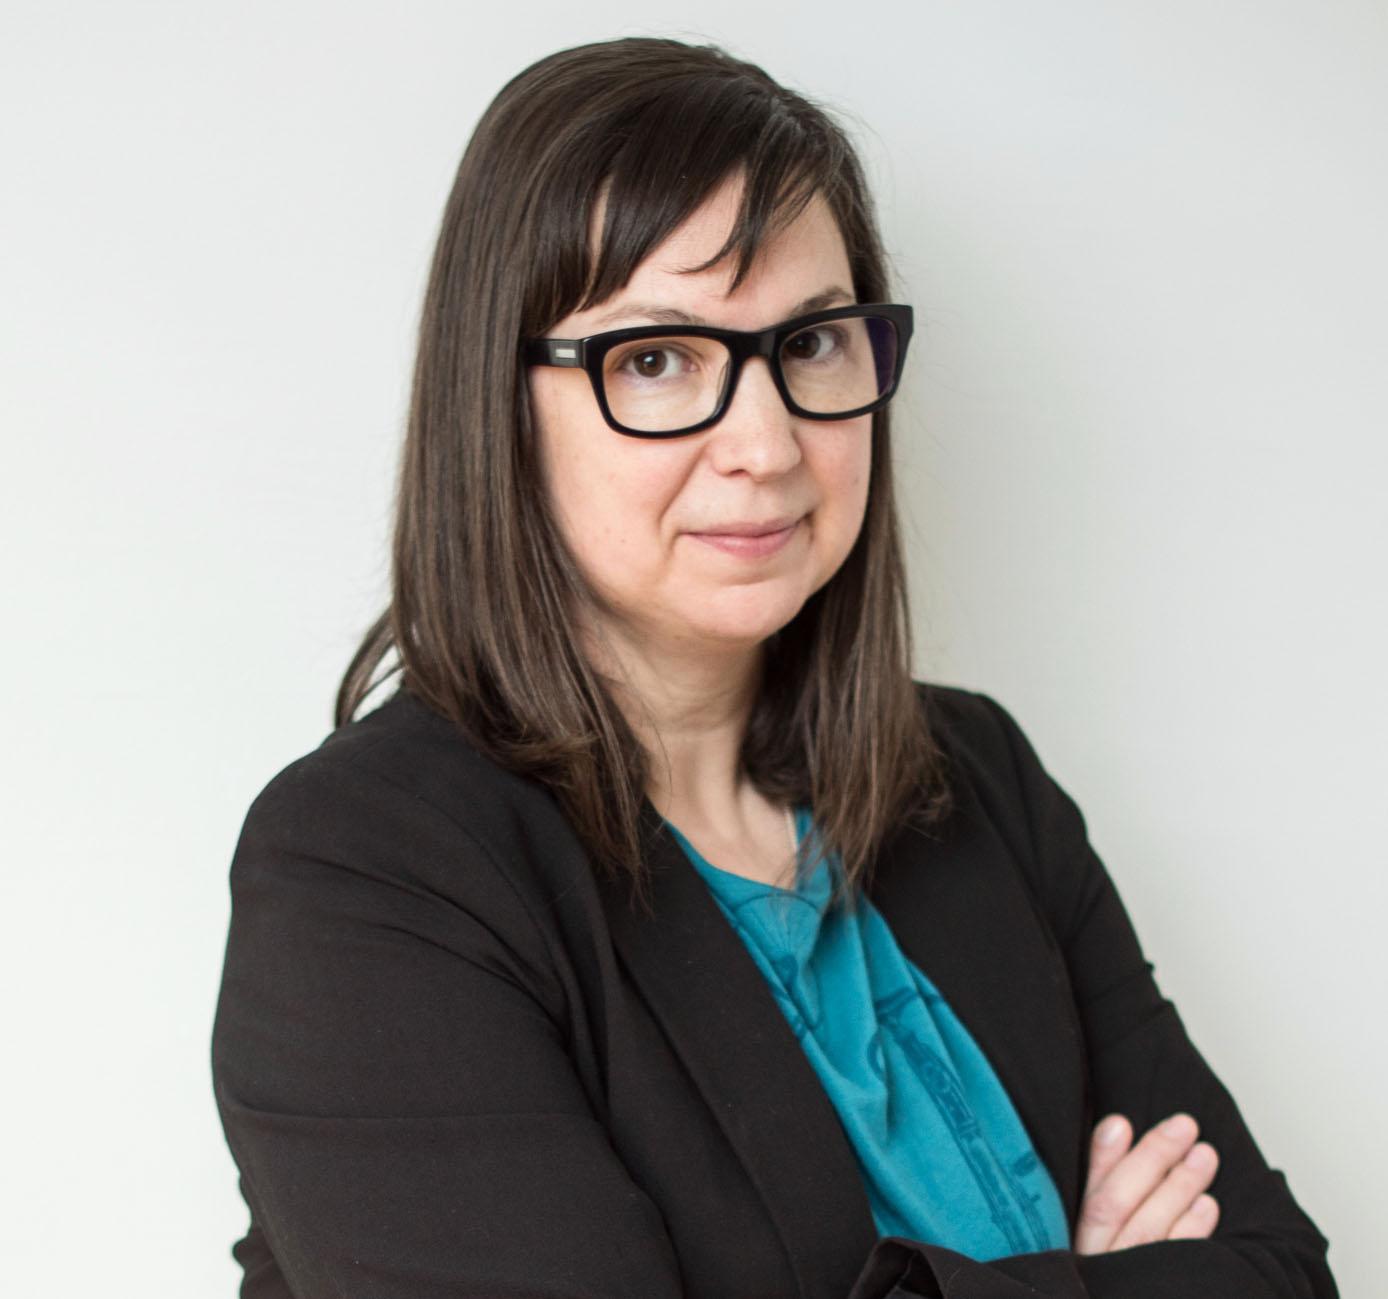 Alison Jacques